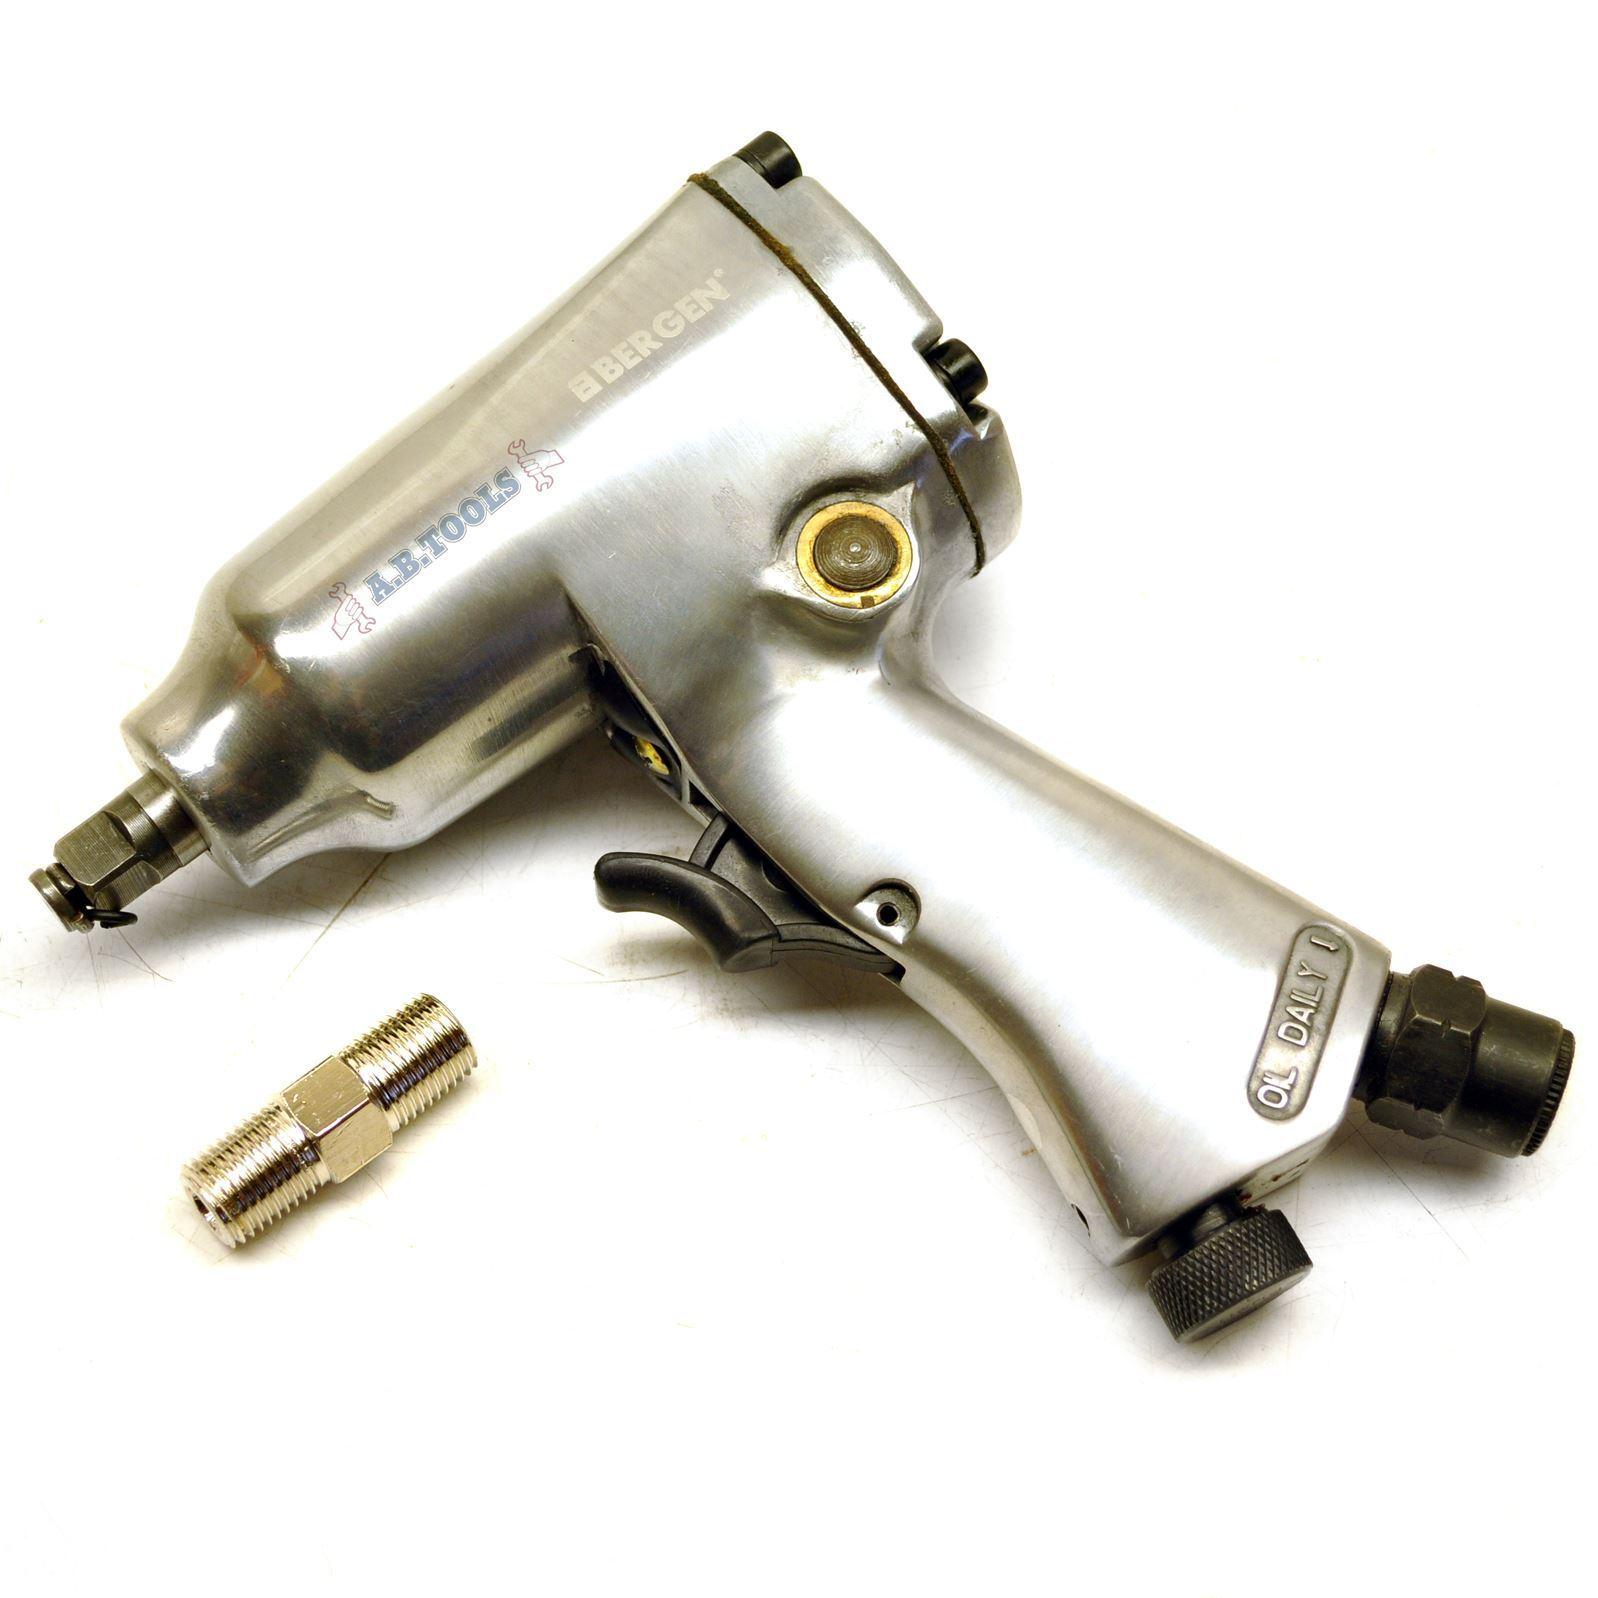 Entraînement 3 8  Mini Air Impact clé pistolet couple max. de 176 Nm 1 4 BSP